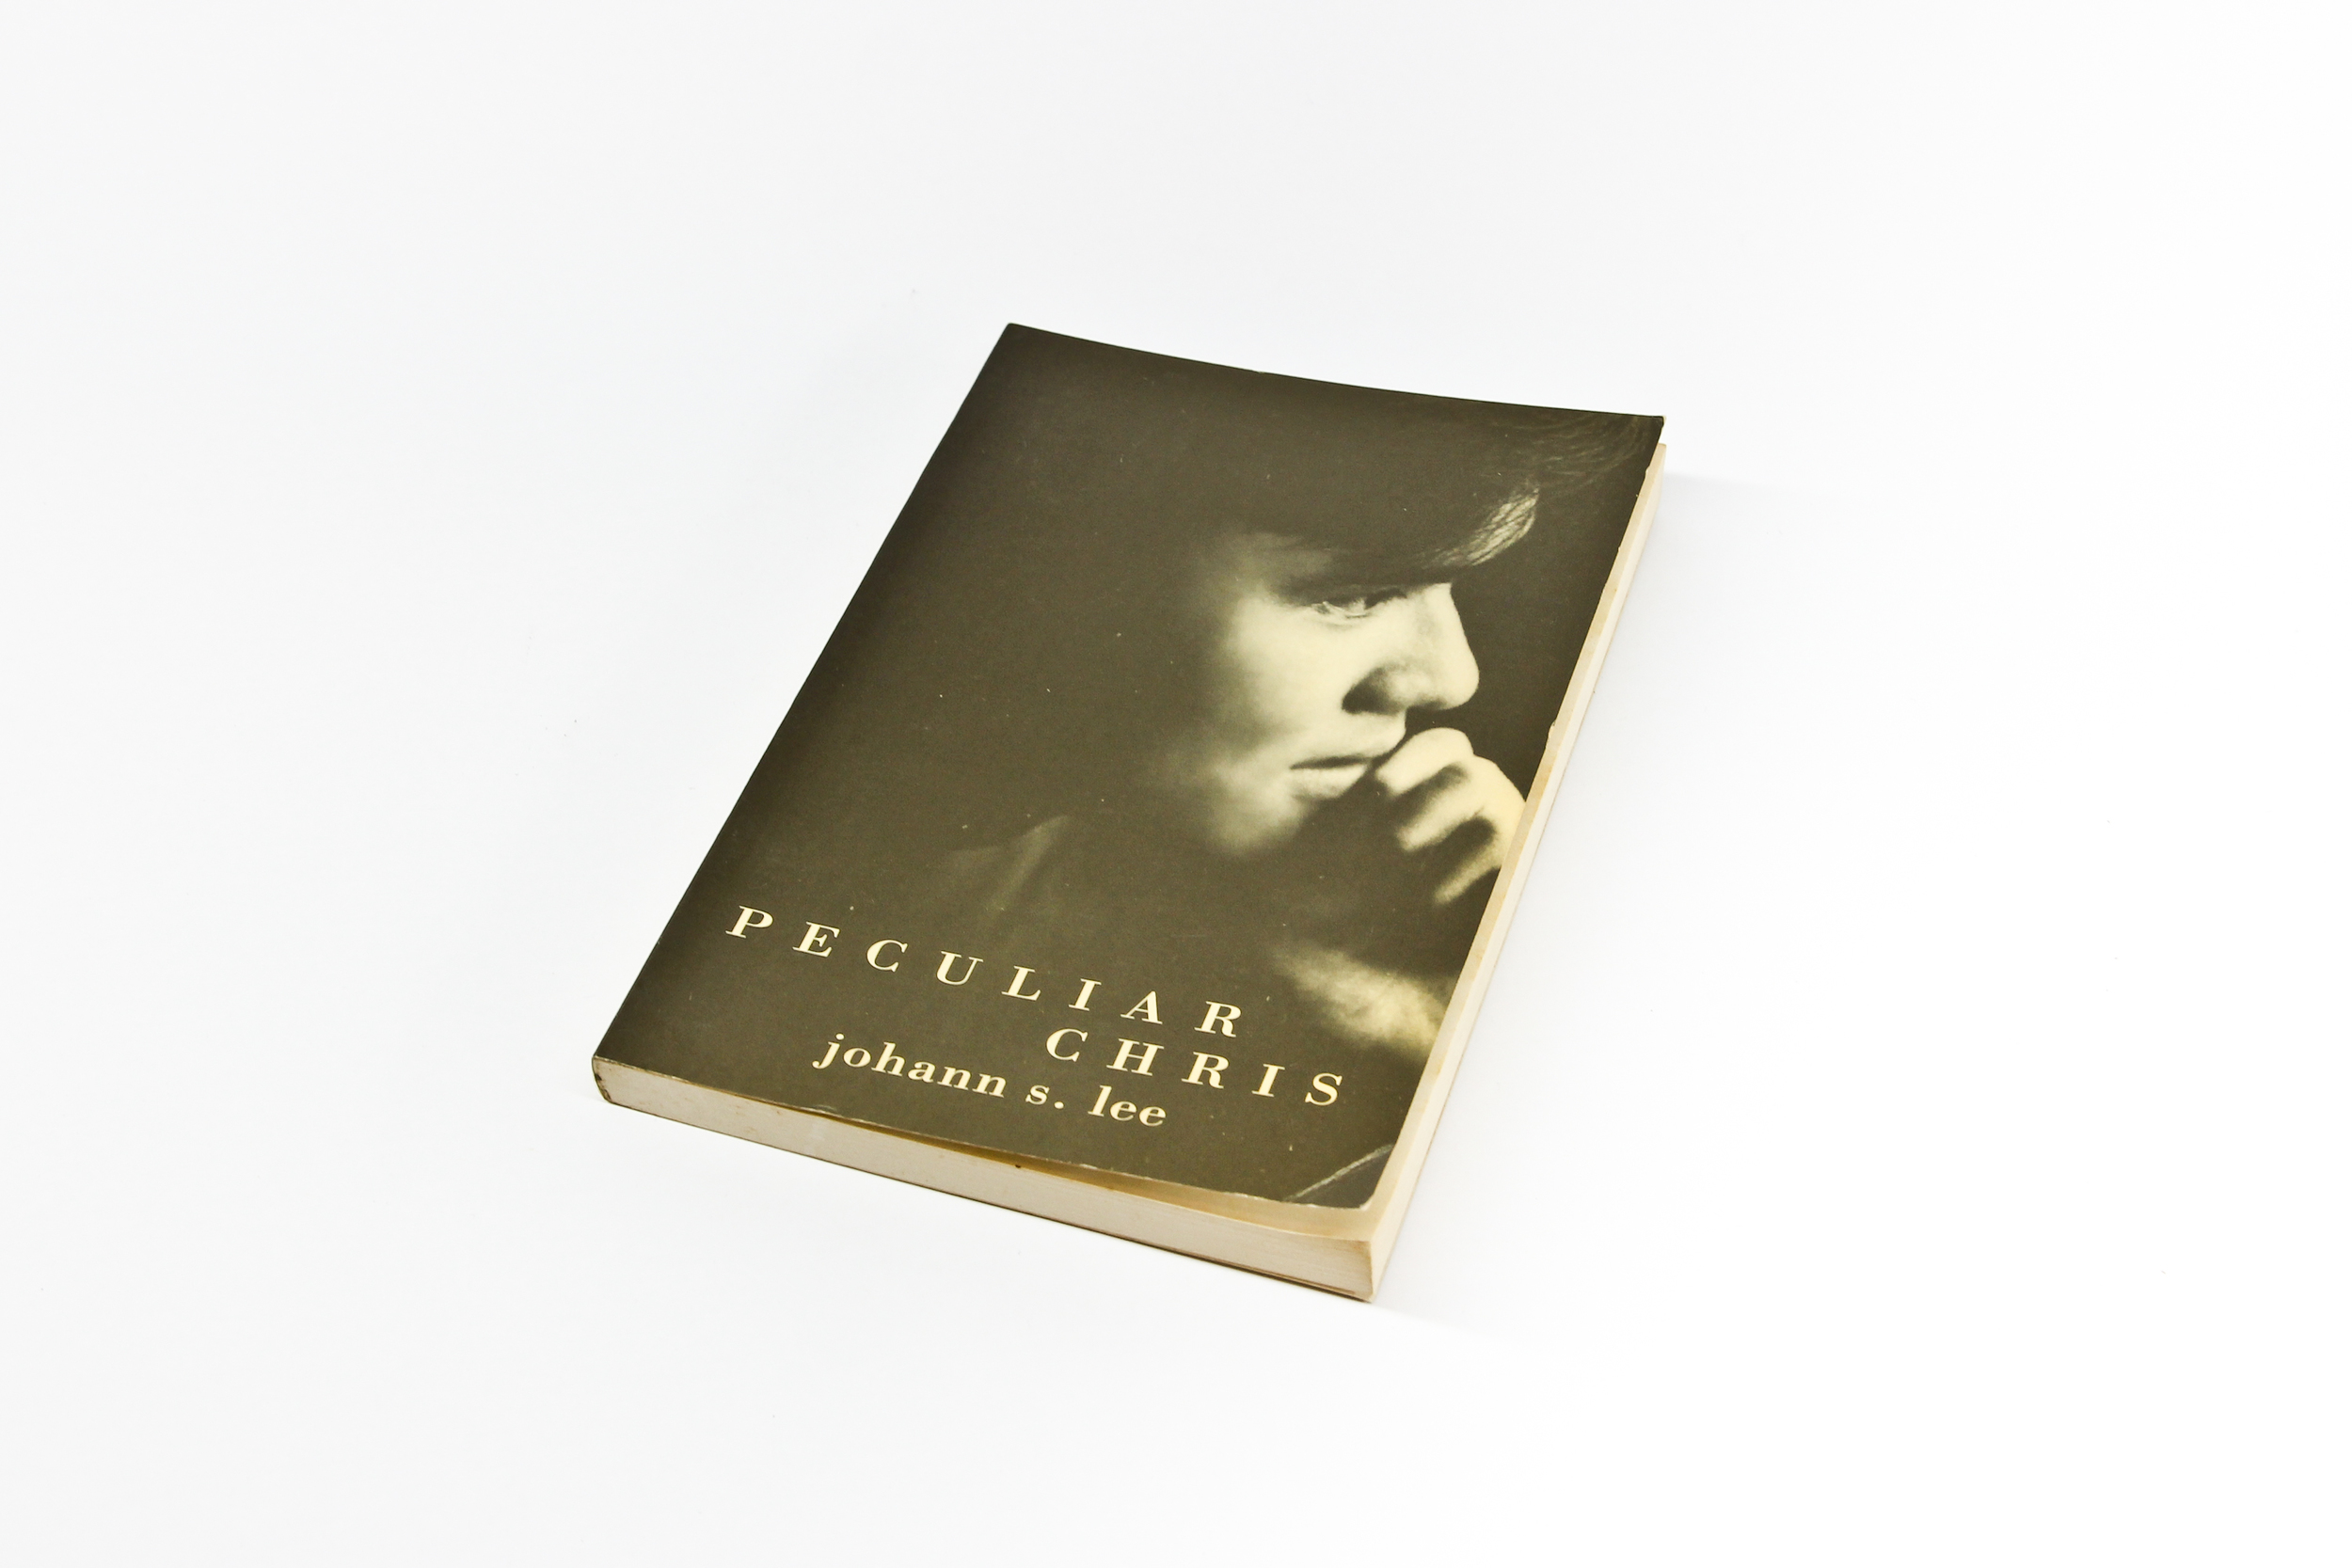 'Peculiar Chris' novel